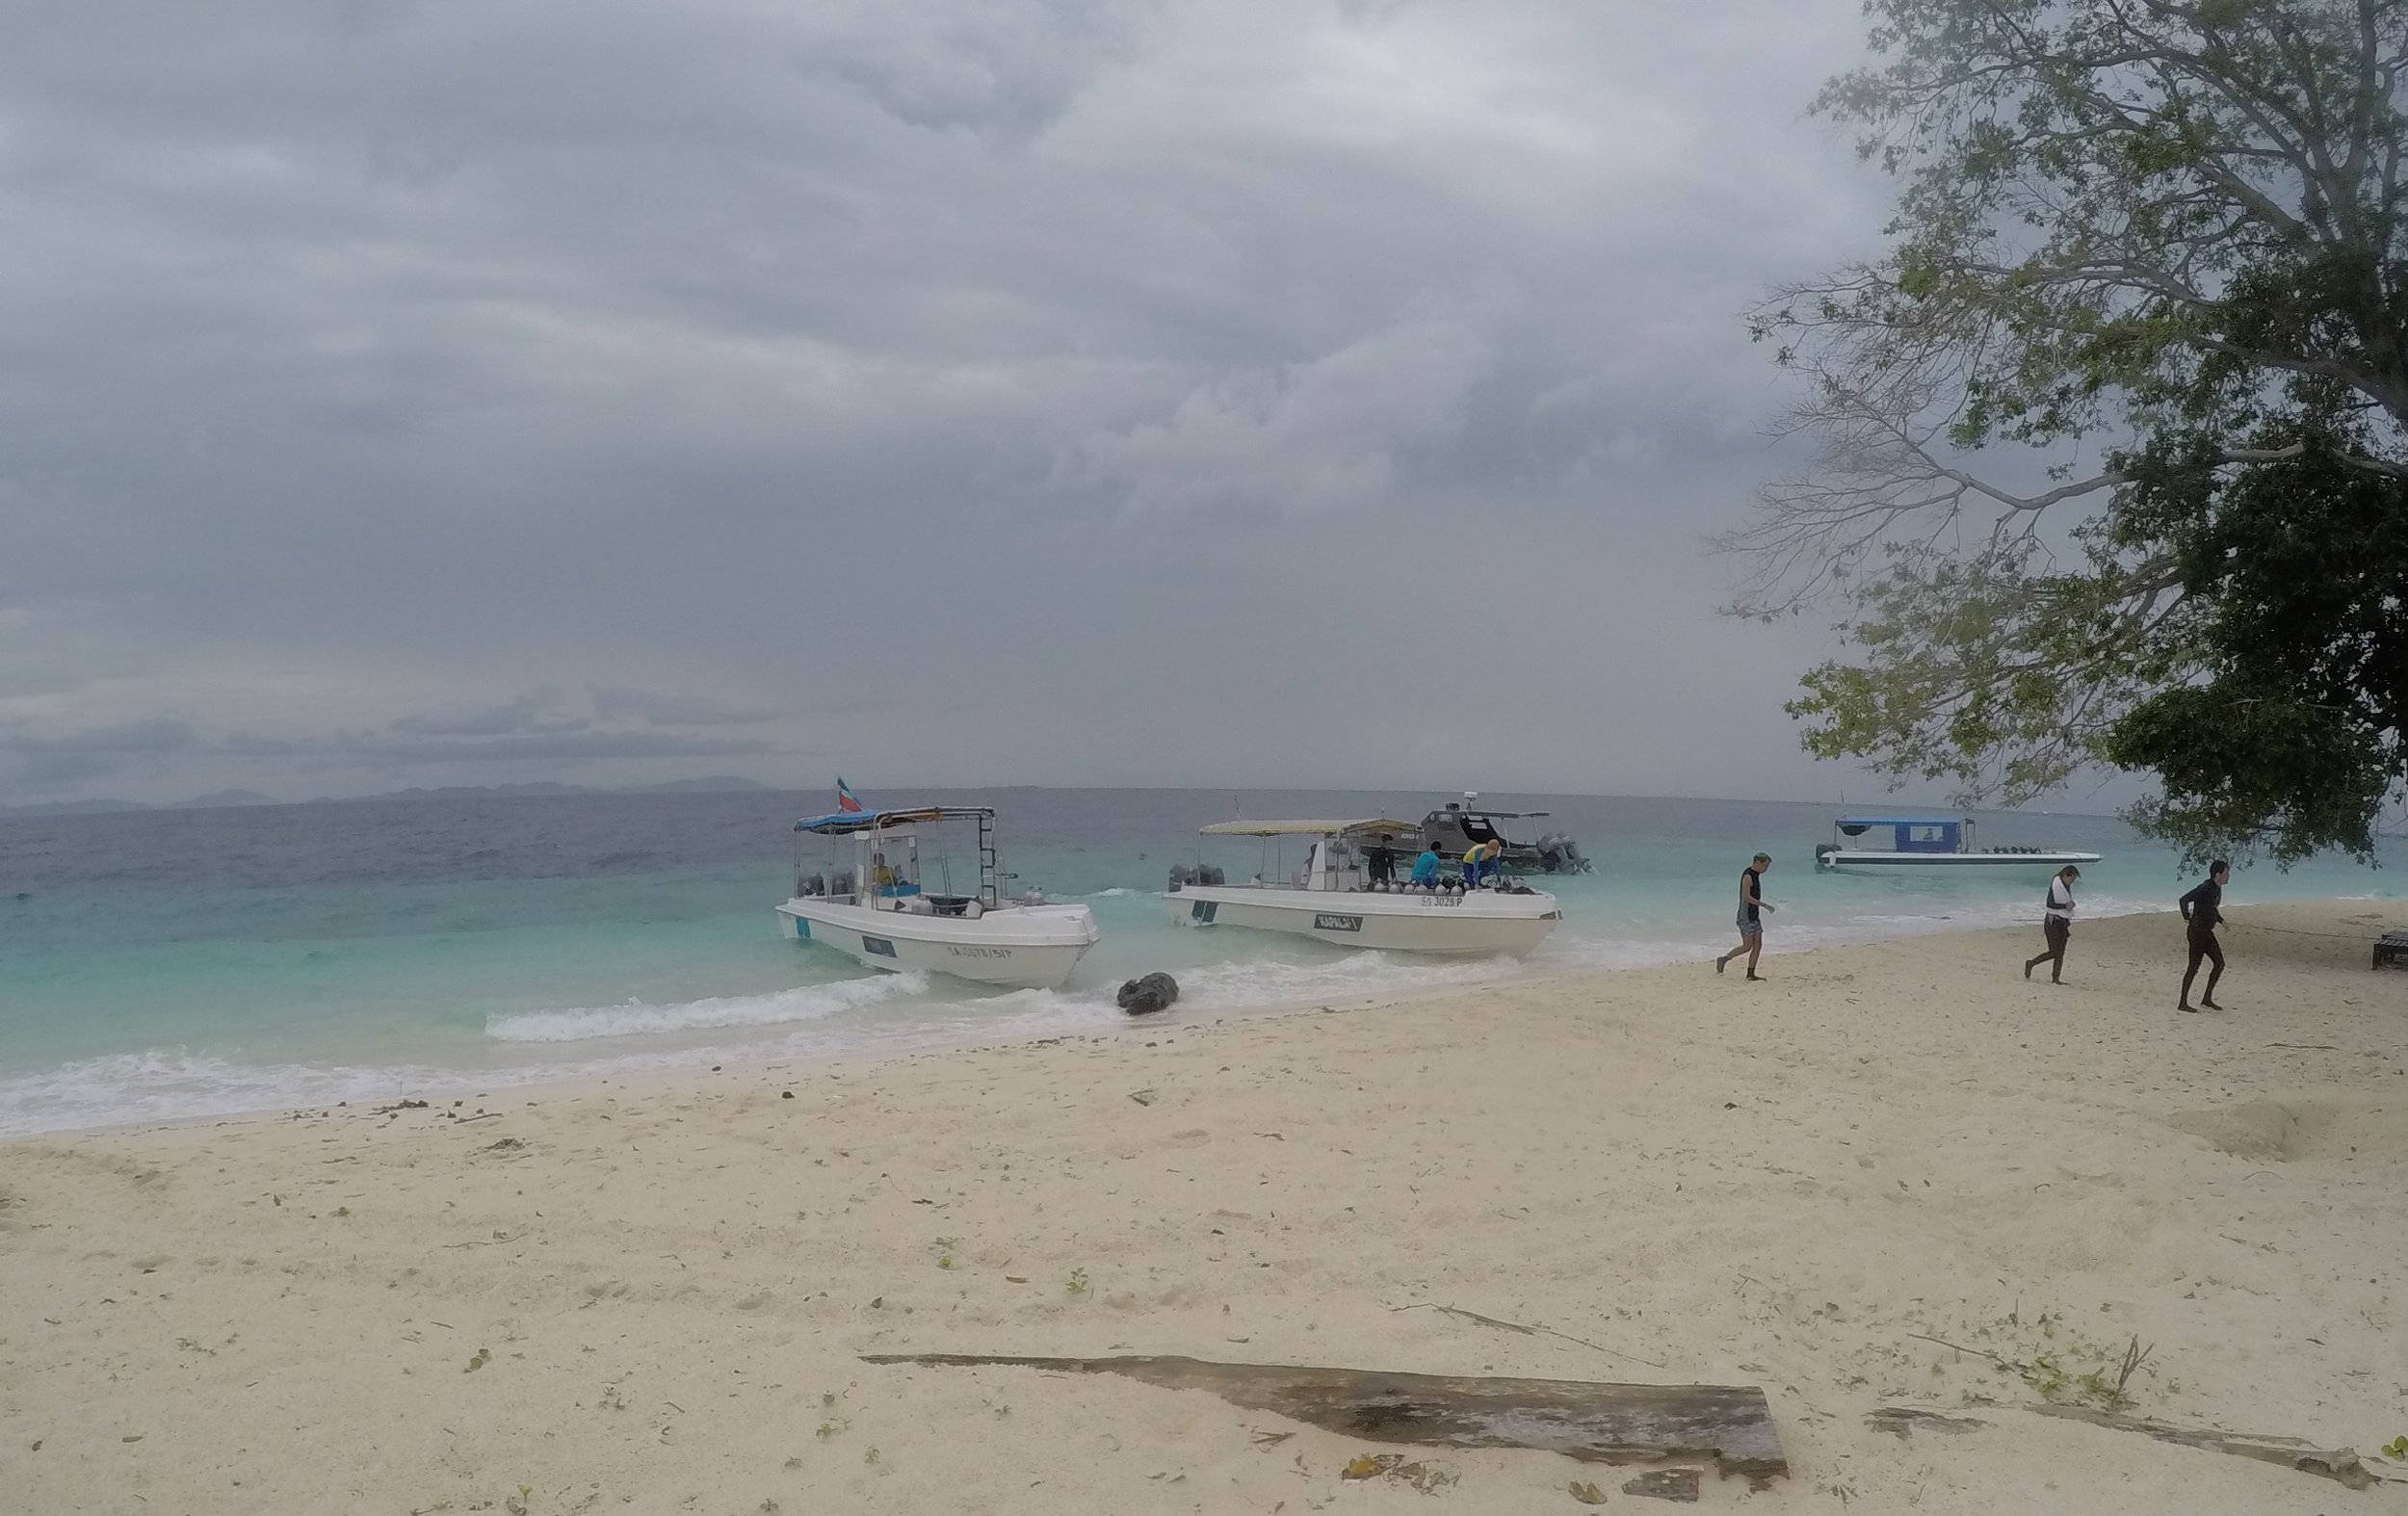 Pulau Sipadan beach